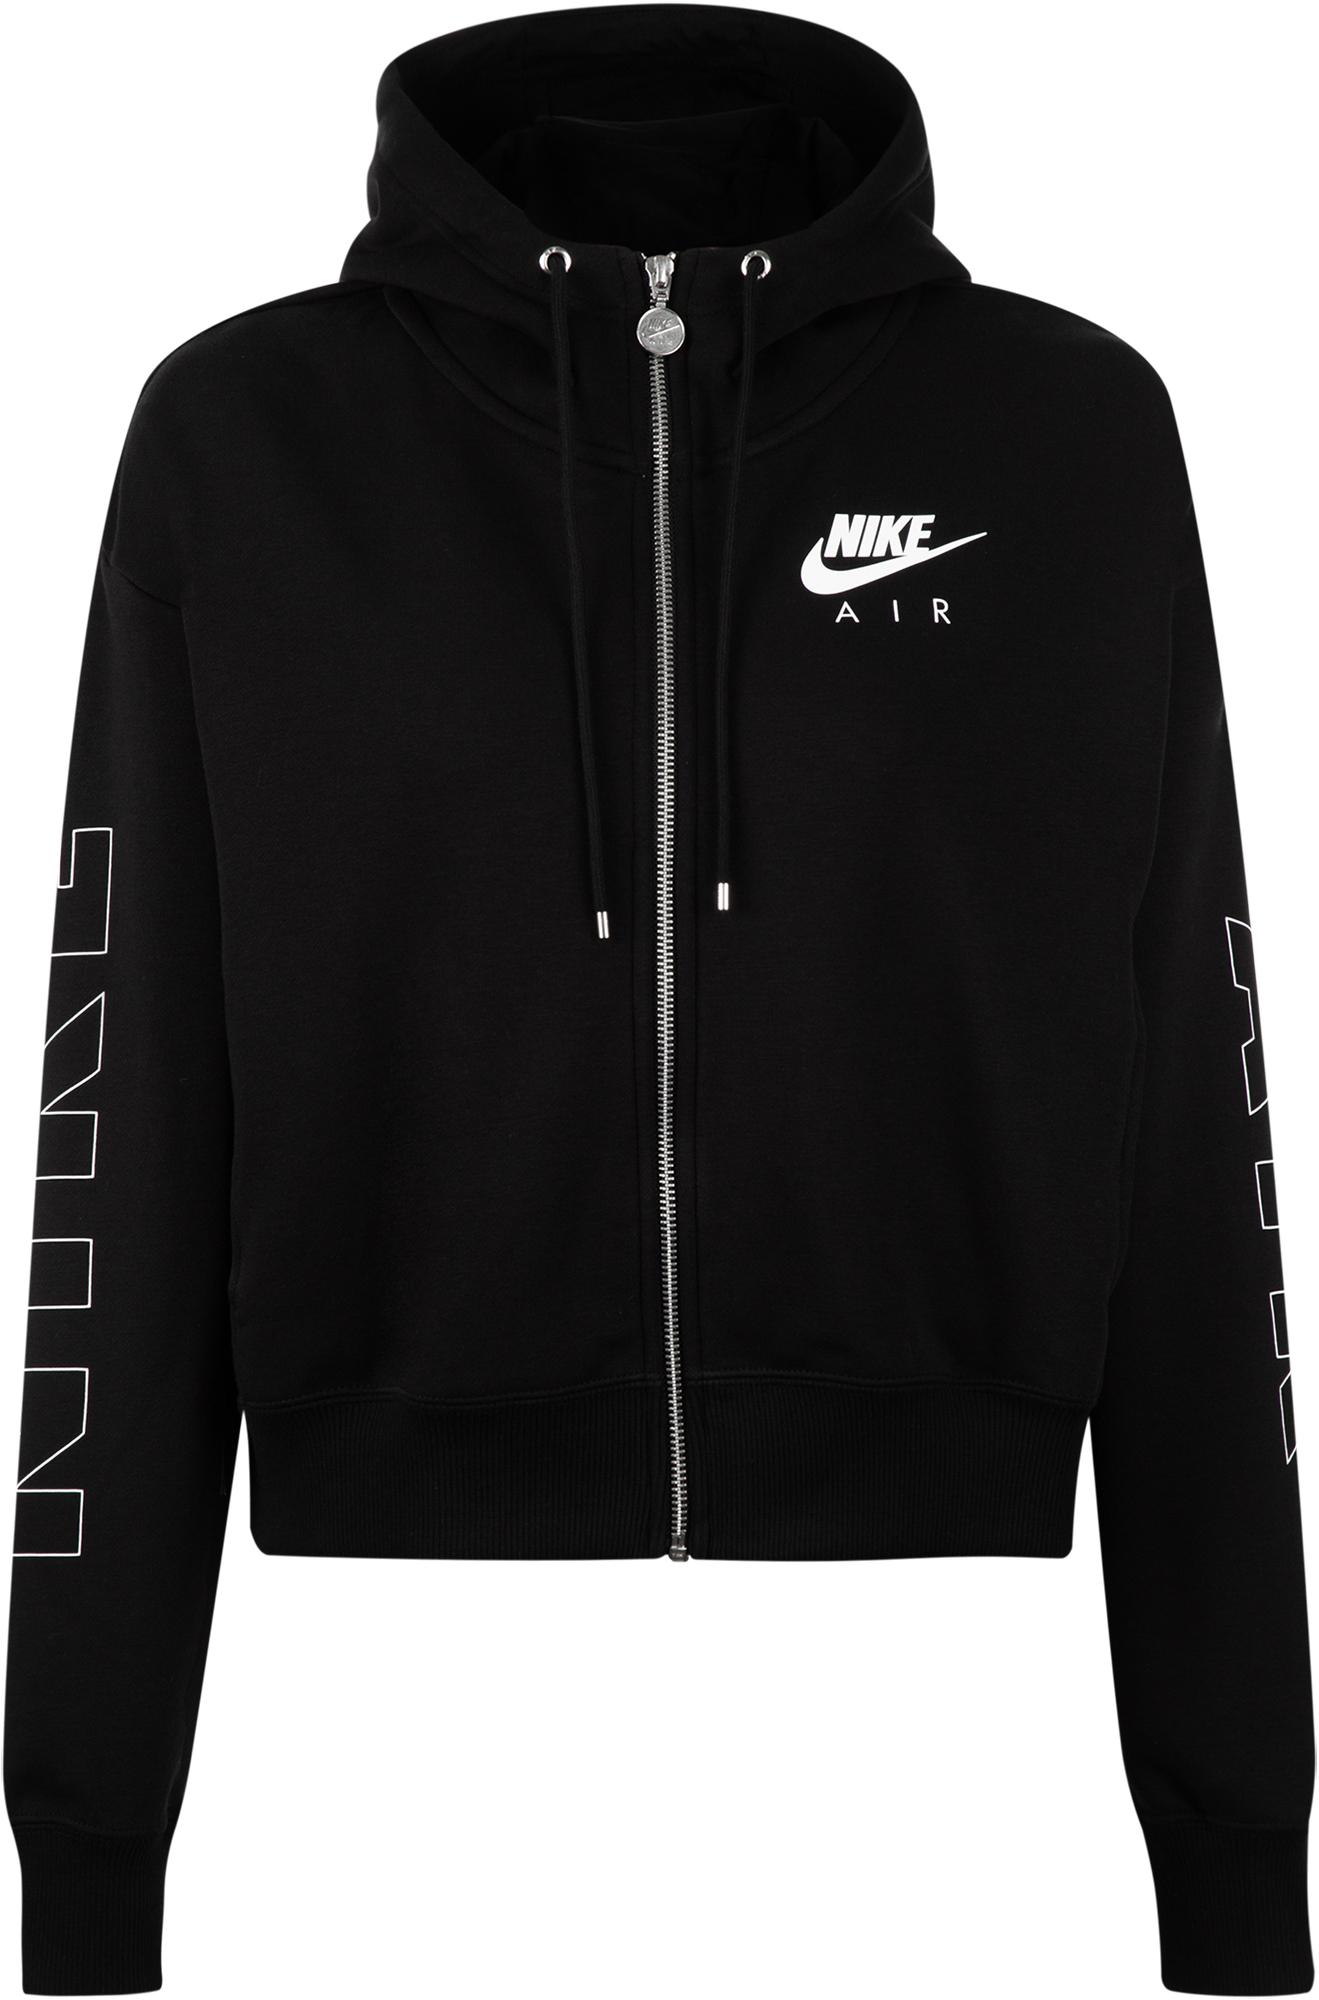 цена на Nike Толстовка женская Nike Air, размер 40-42